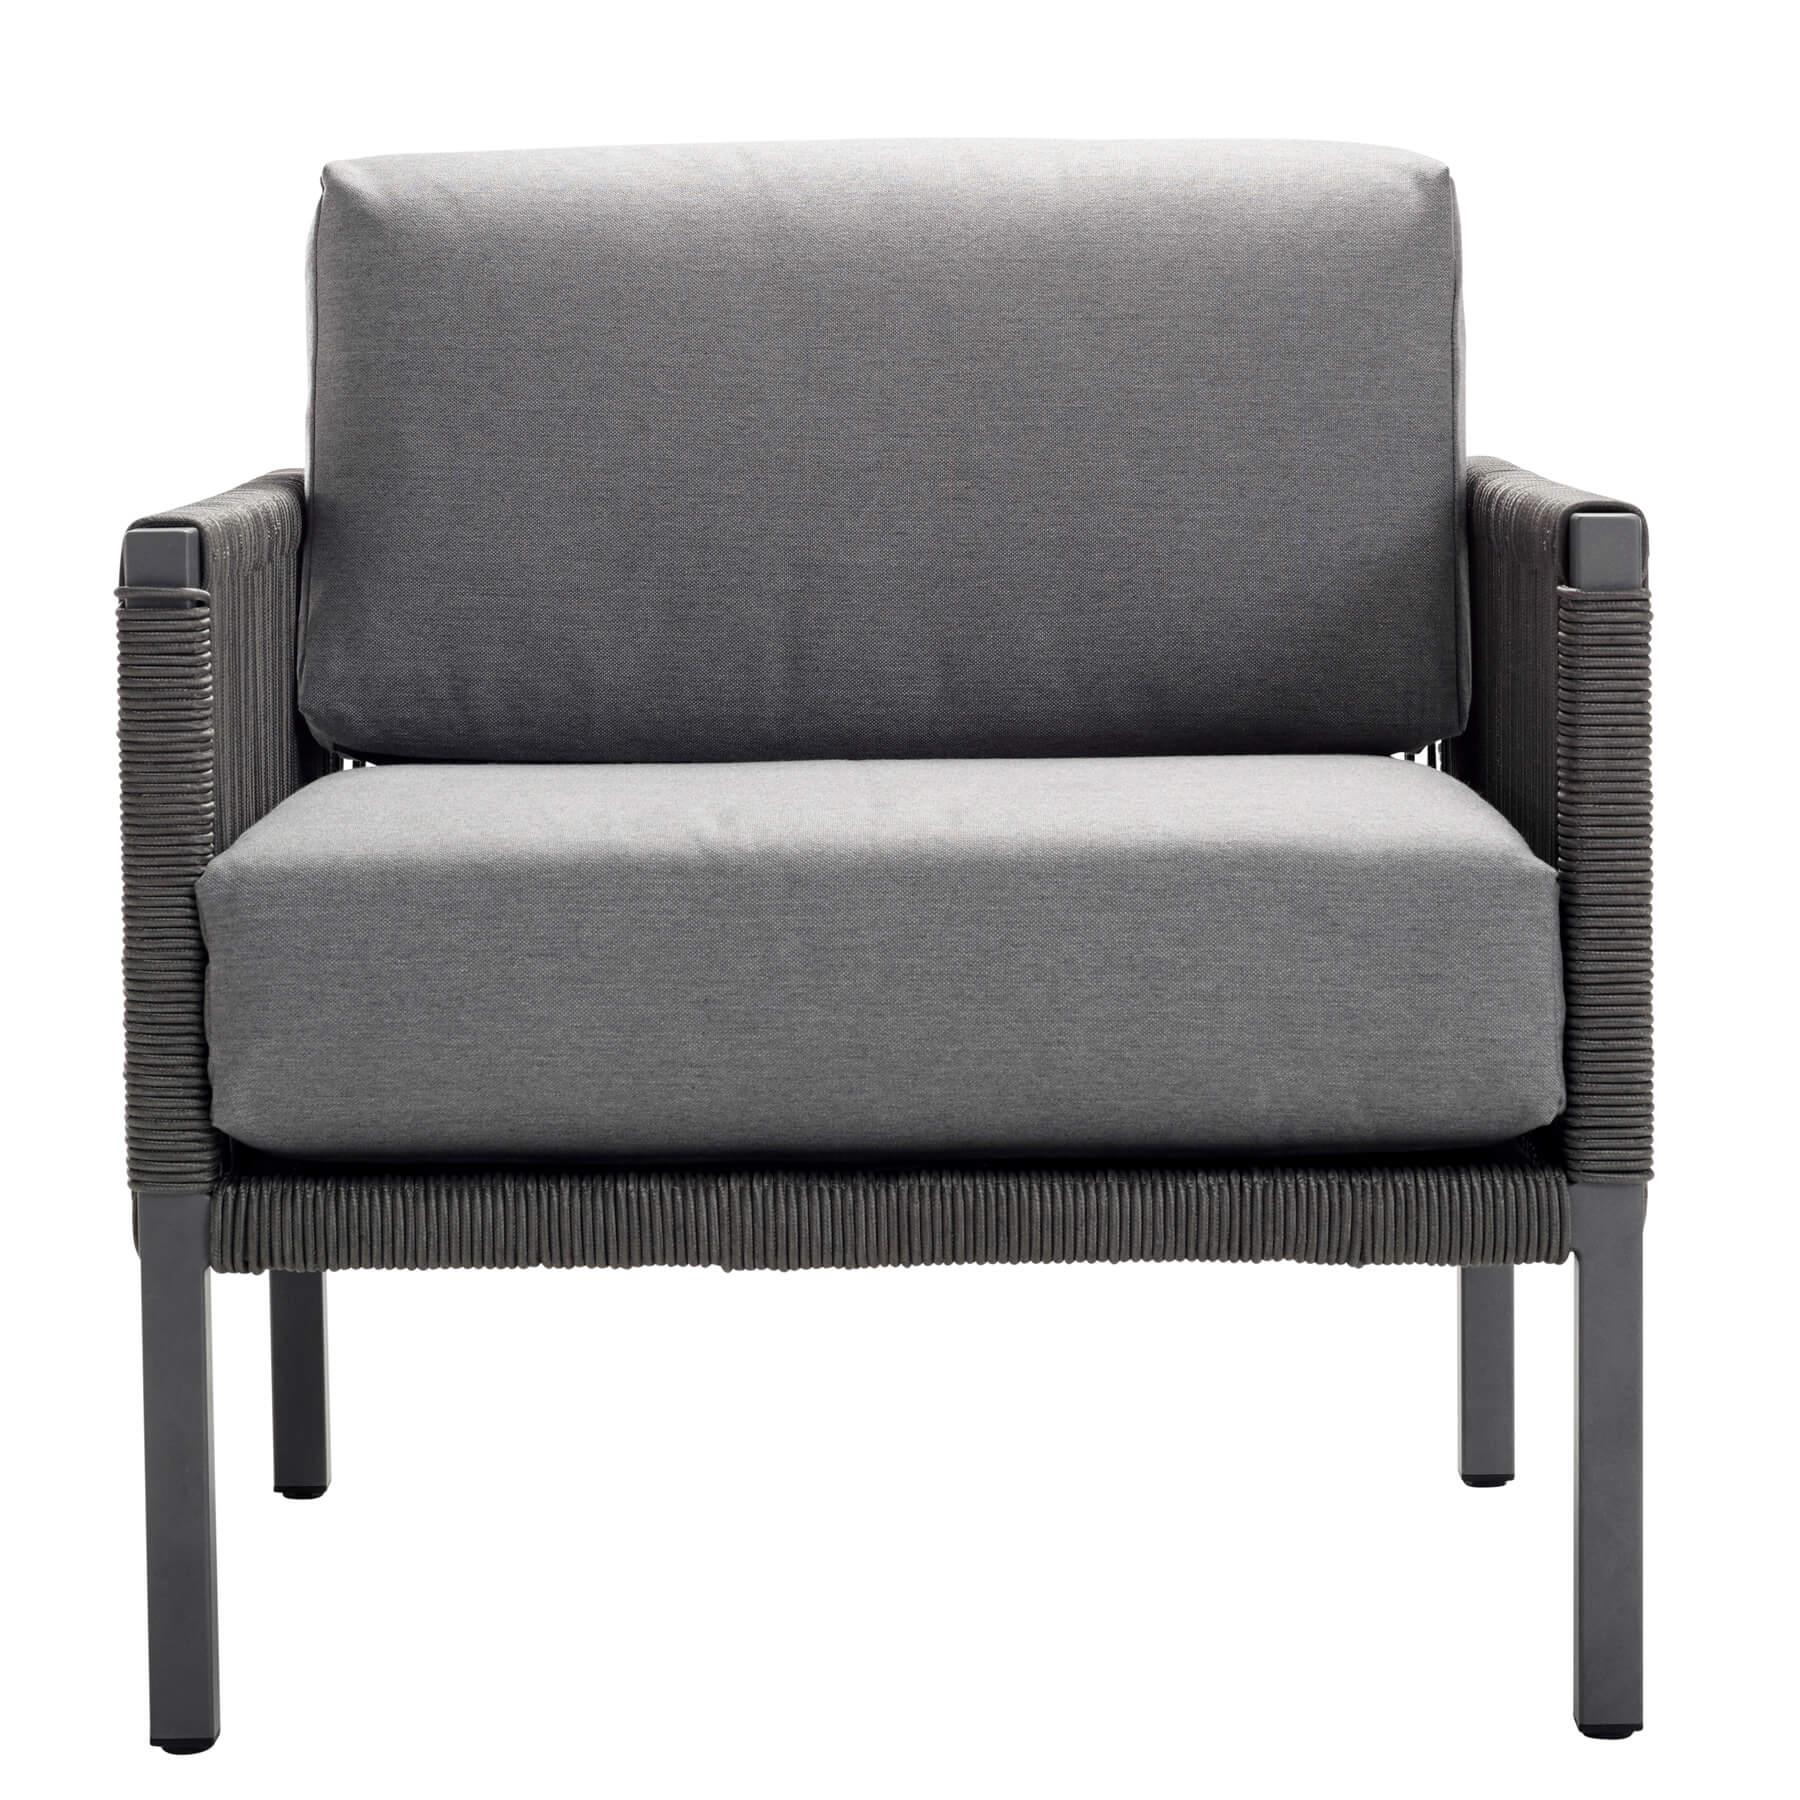 Loungestoelen Loungestoel - Solpuri - Club Lounge stoel